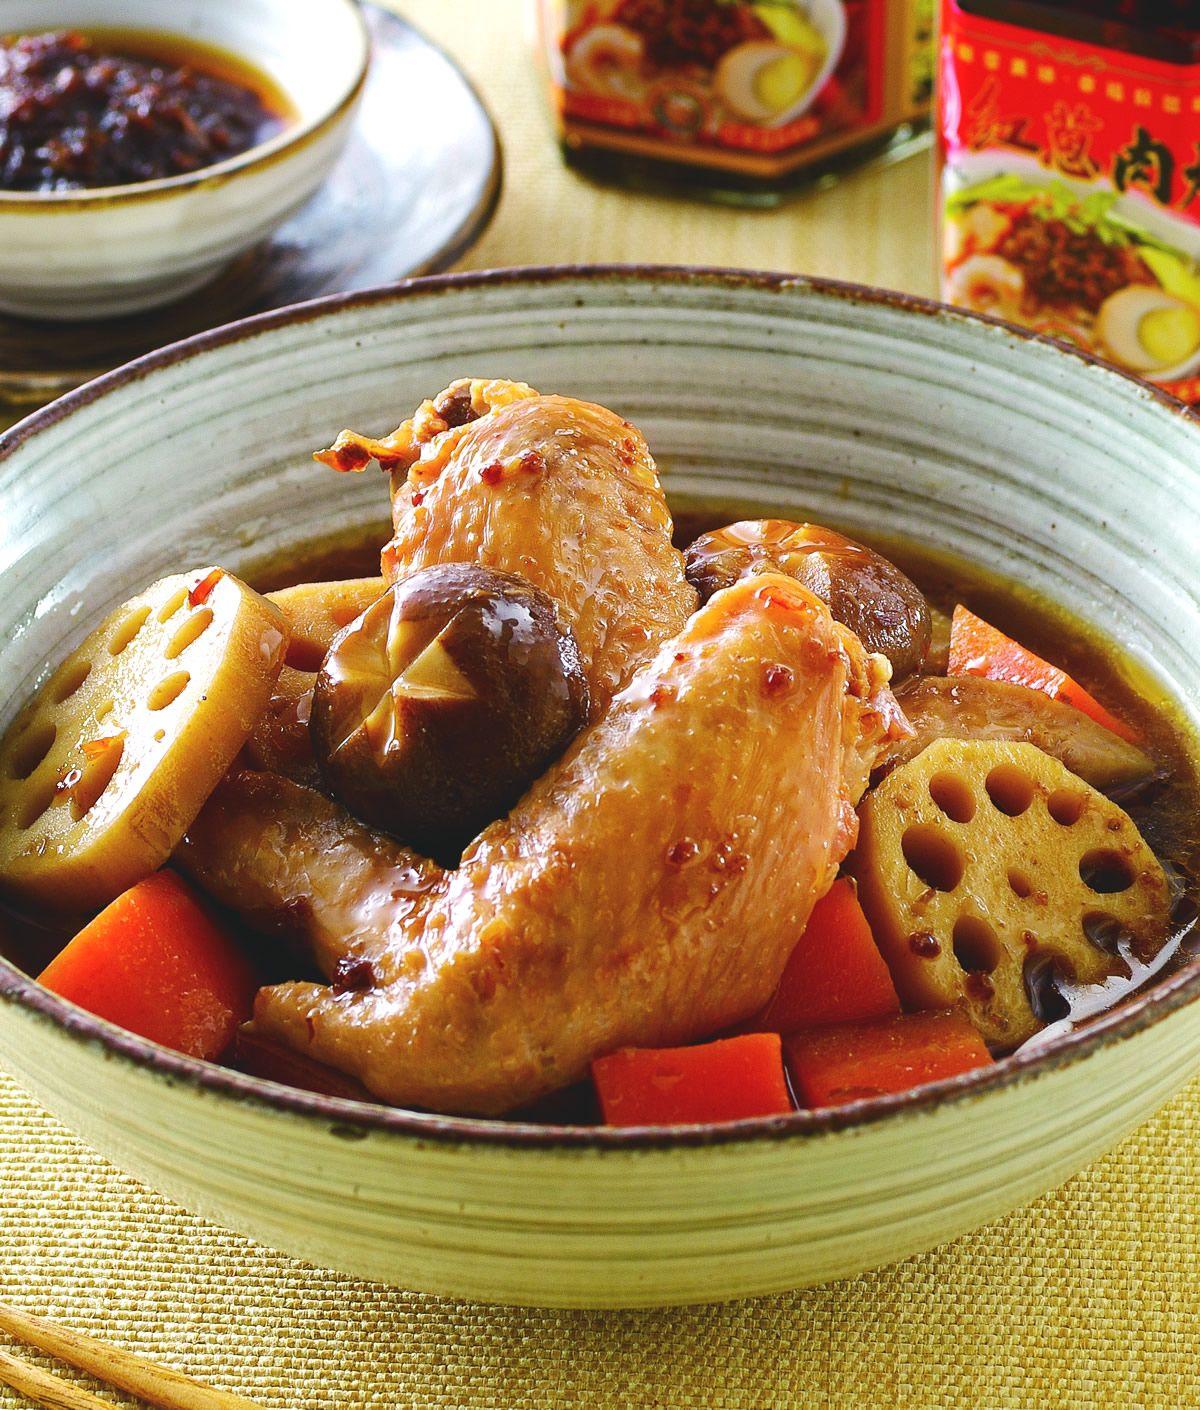 食譜:和風藕燒雞翅